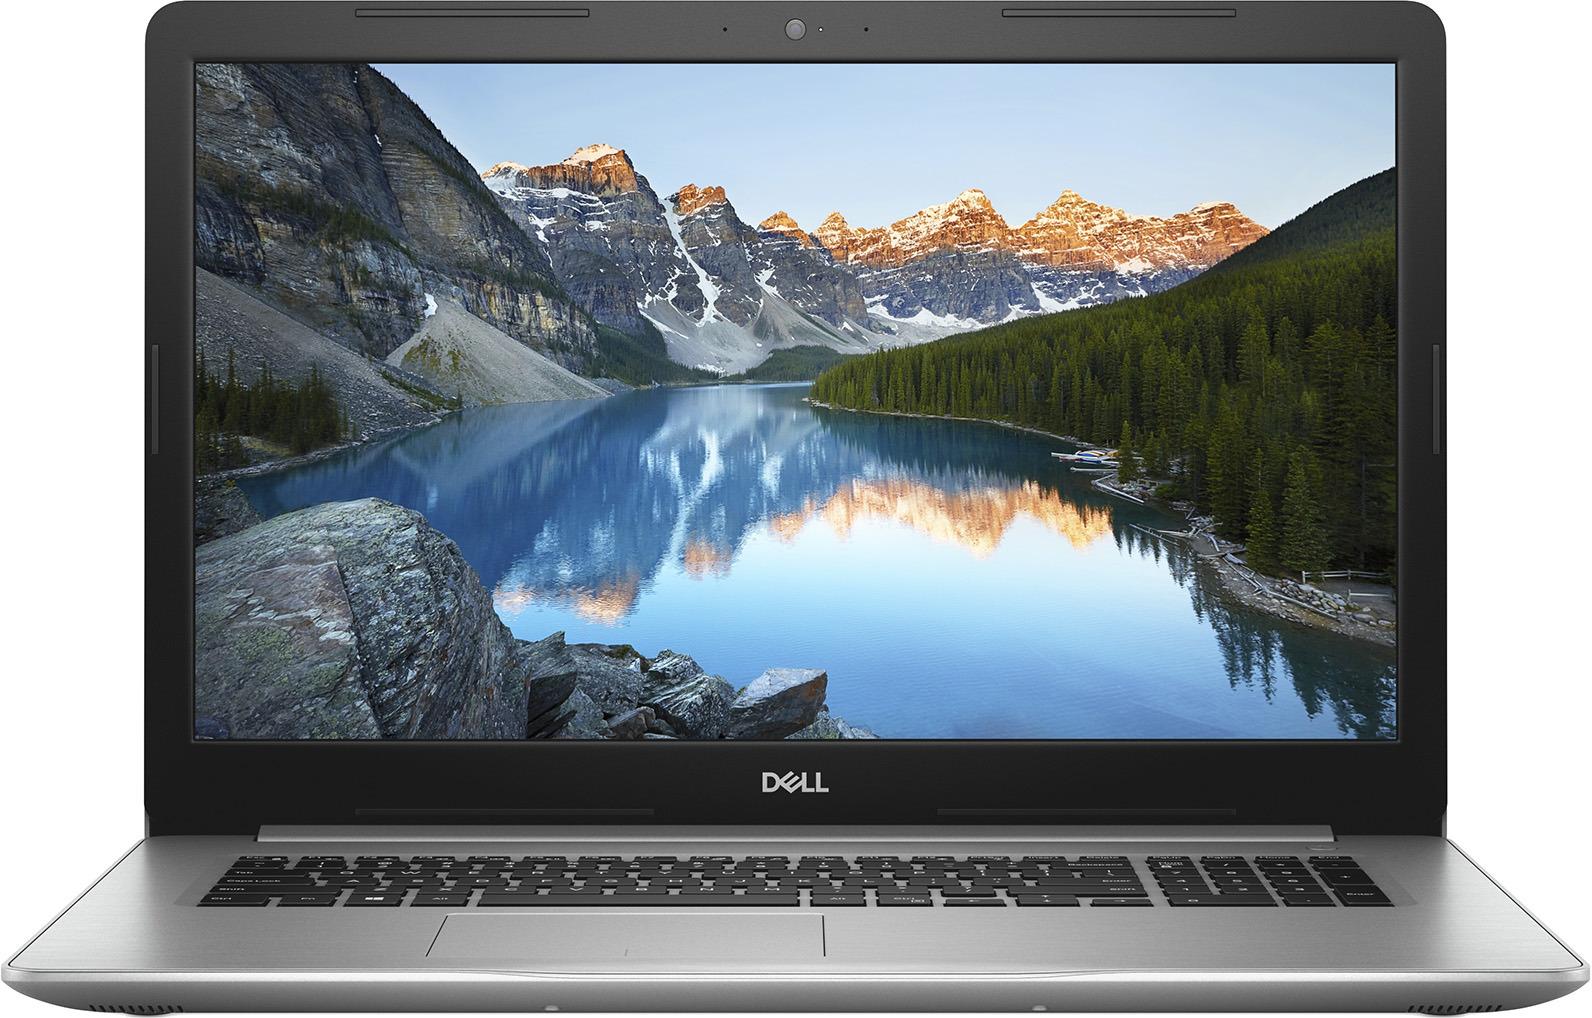 17.3 Ноутбук Dell Inspiron 5770 5770-5888, черный ноутбук dell inspiron 5770 5770 6939